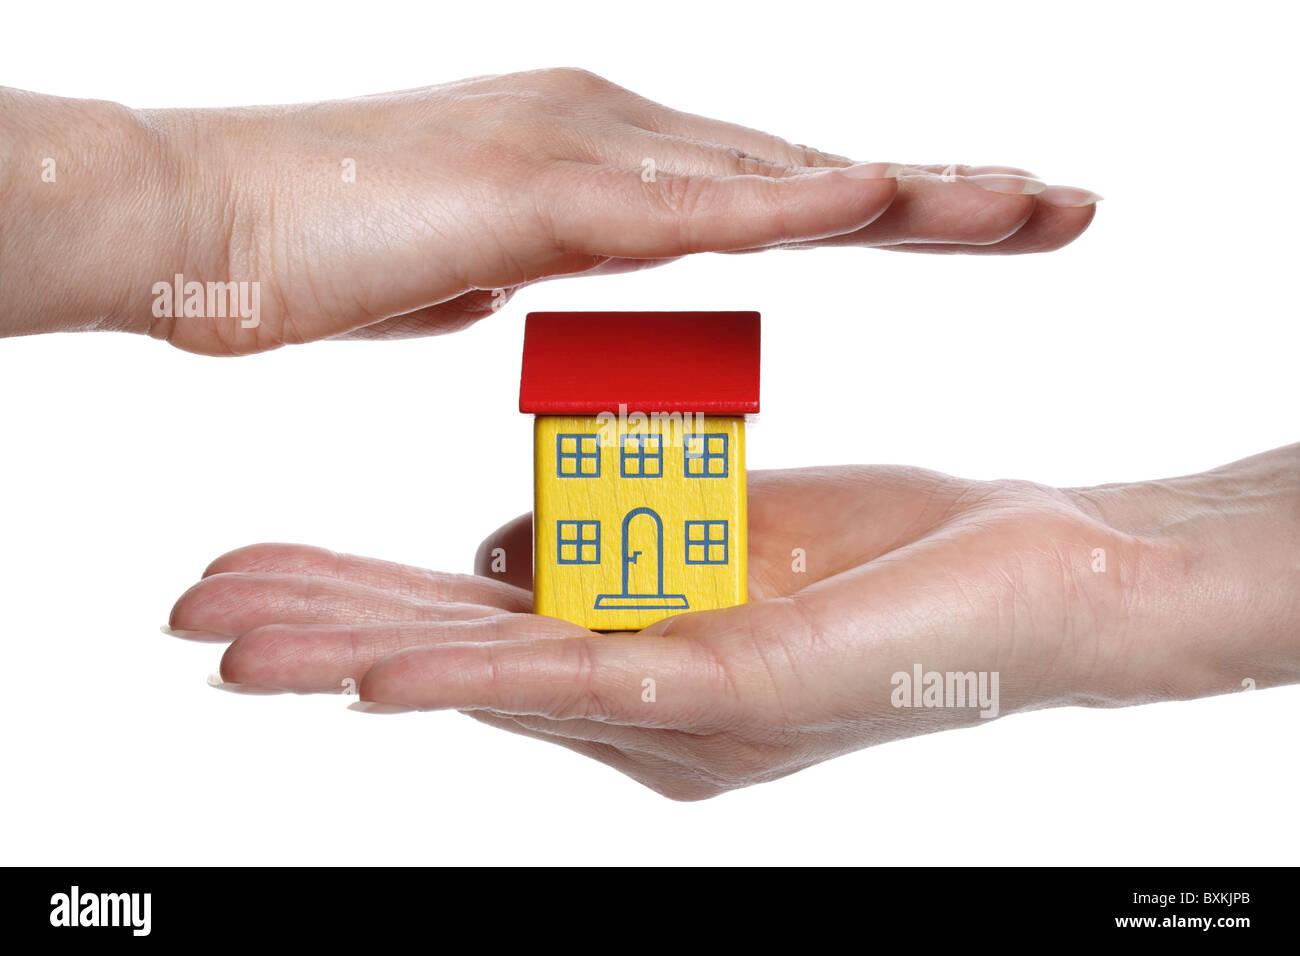 Protéger votre maison Photo Stock